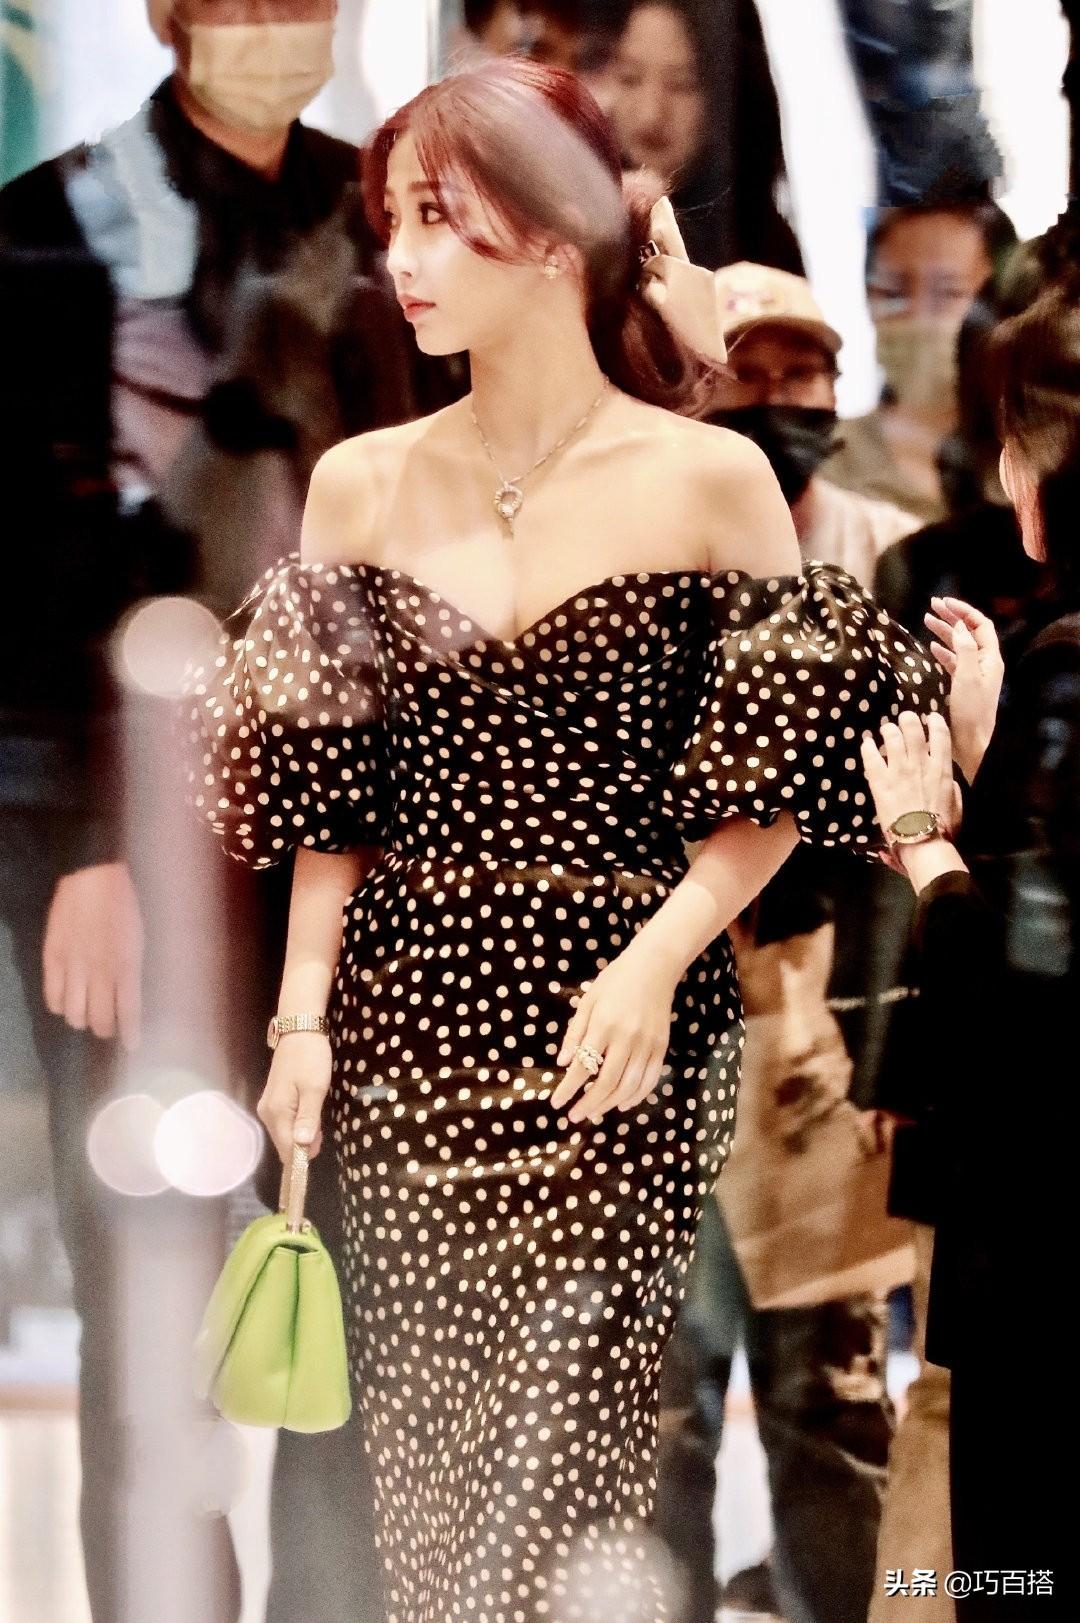 女明星果然还是瘦了美,肉感虞书欣穿抹胸长裙少女感消失,太富态